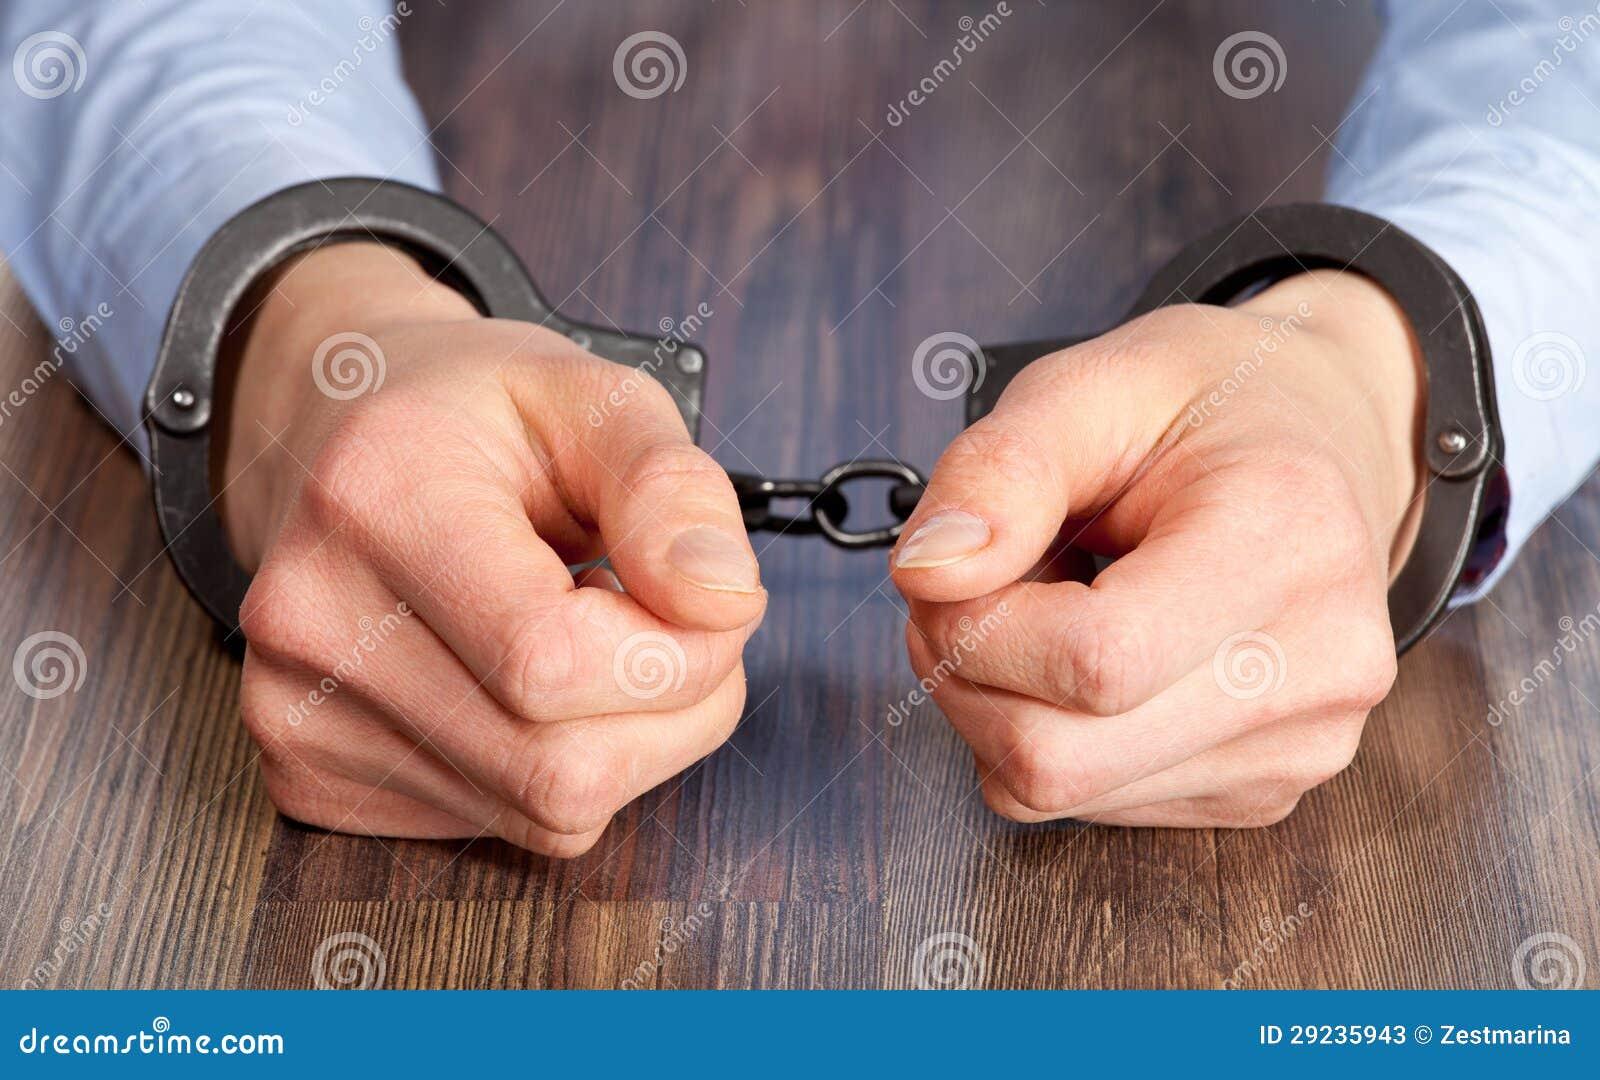 Download Mãos nas algemas imagem de stock. Imagem de closeup, detention - 29235943